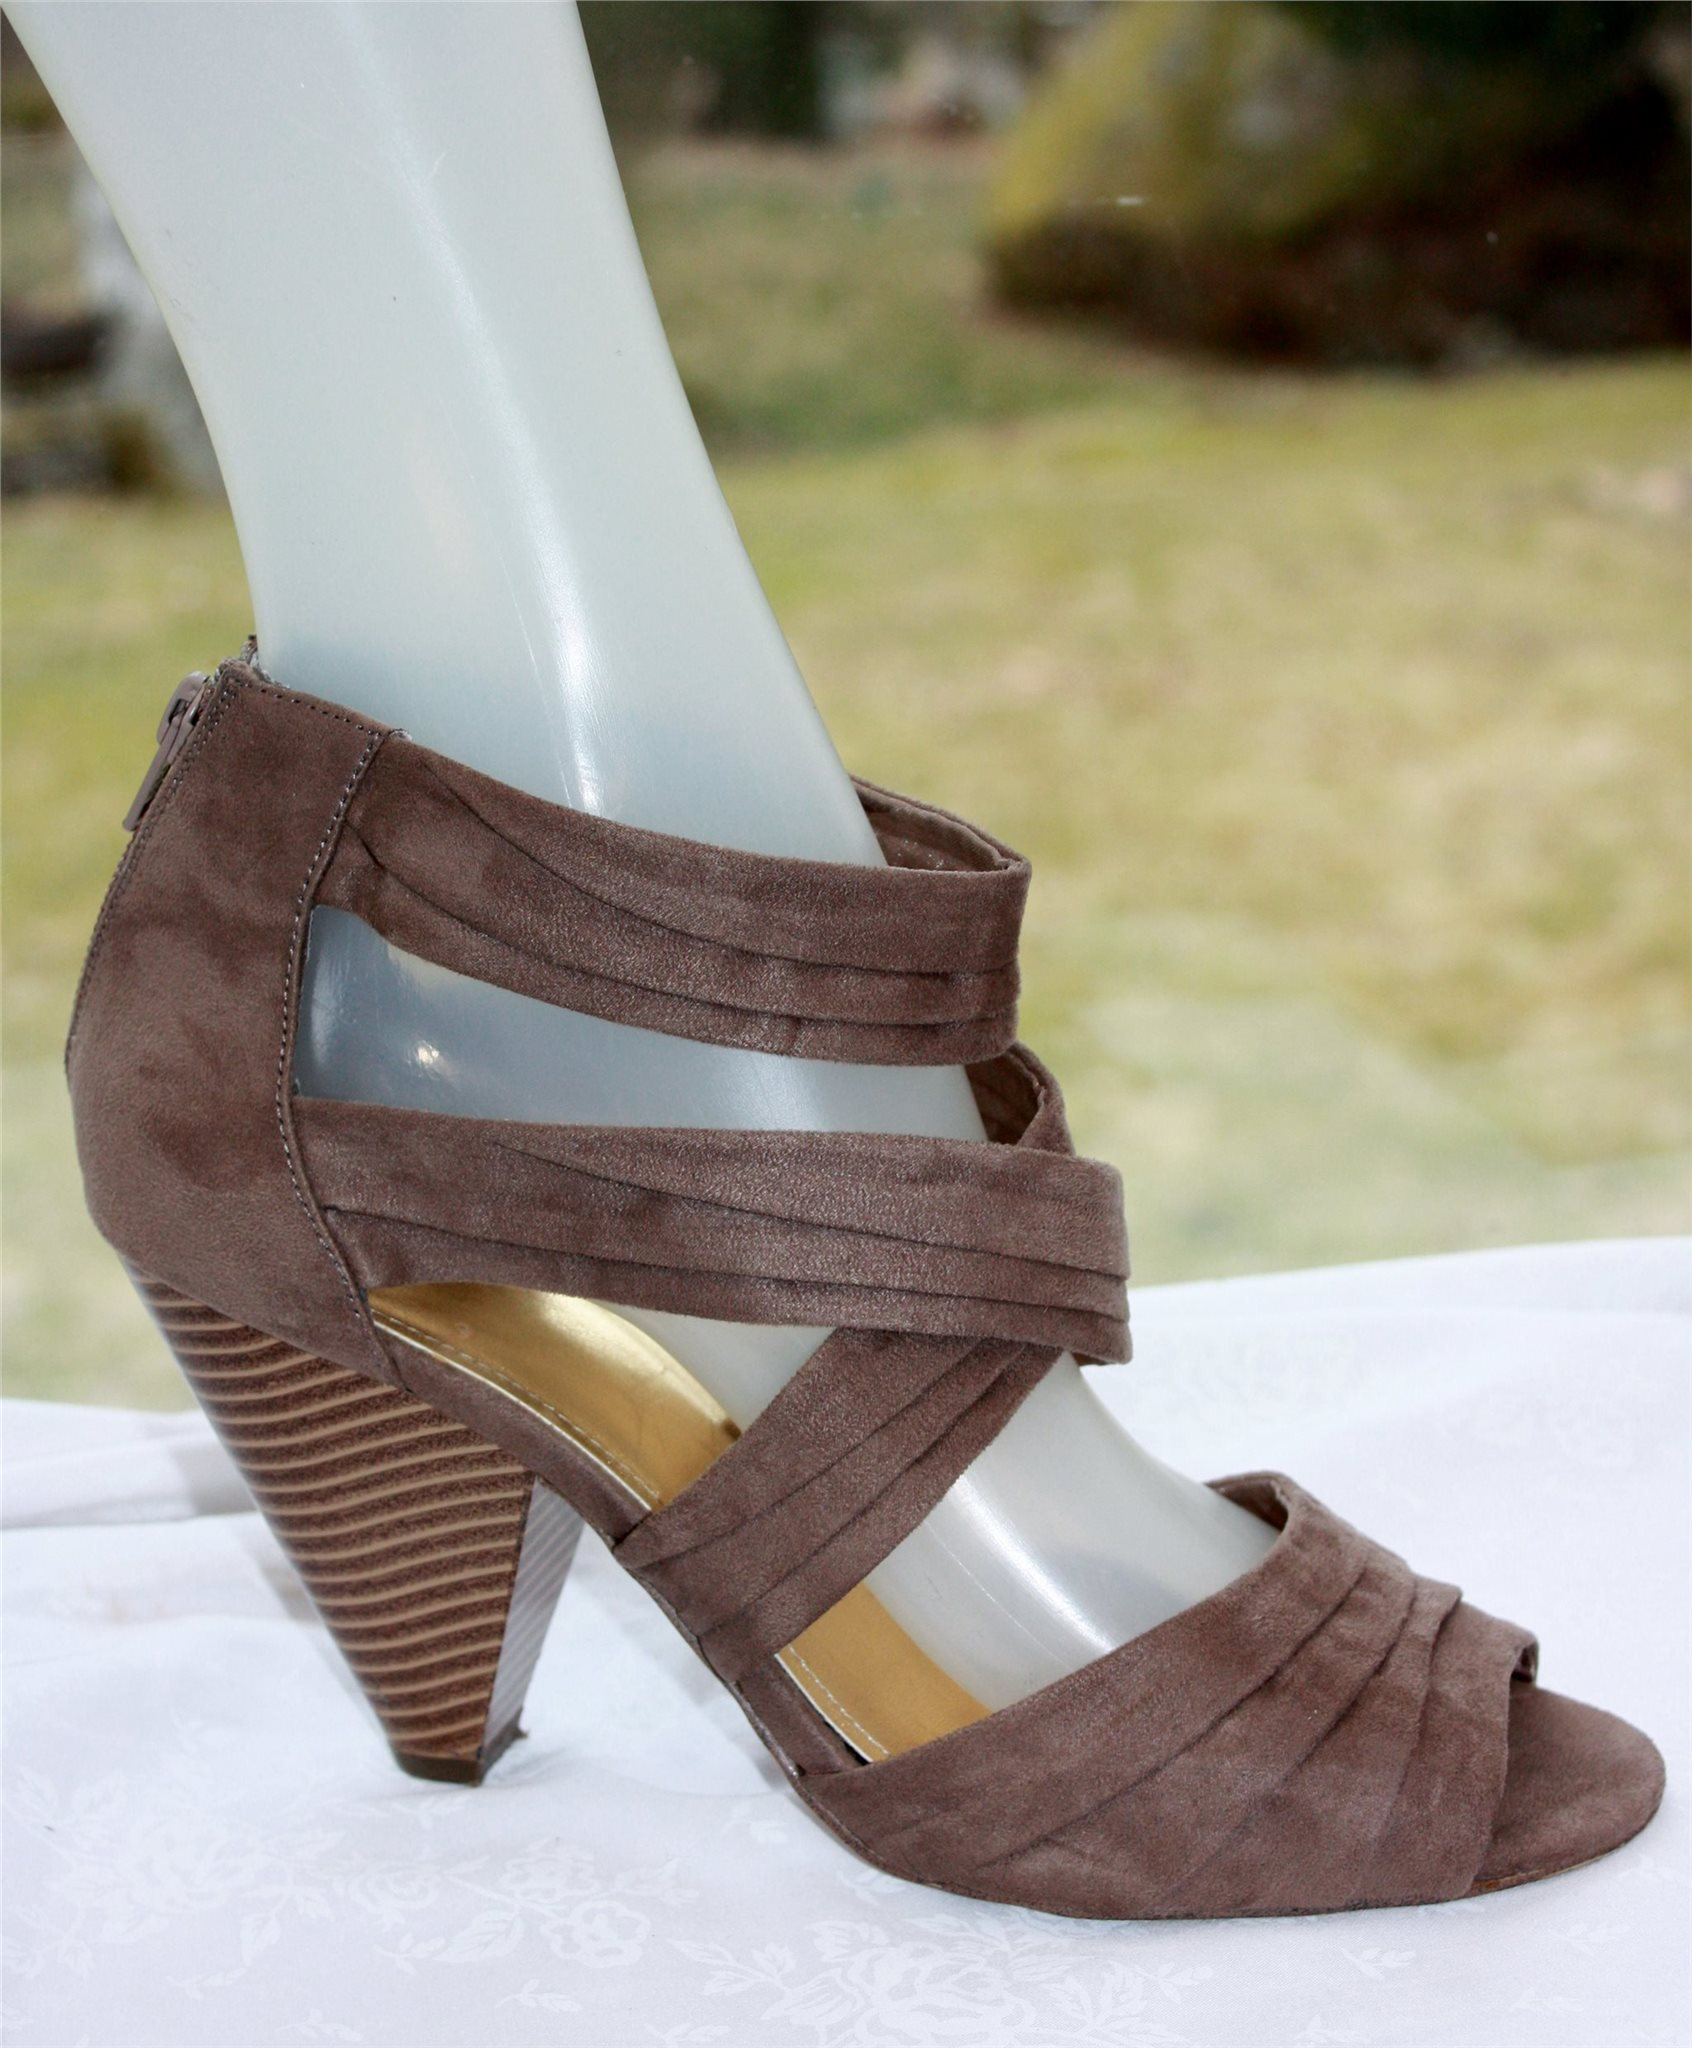 högklackat för breda fötter